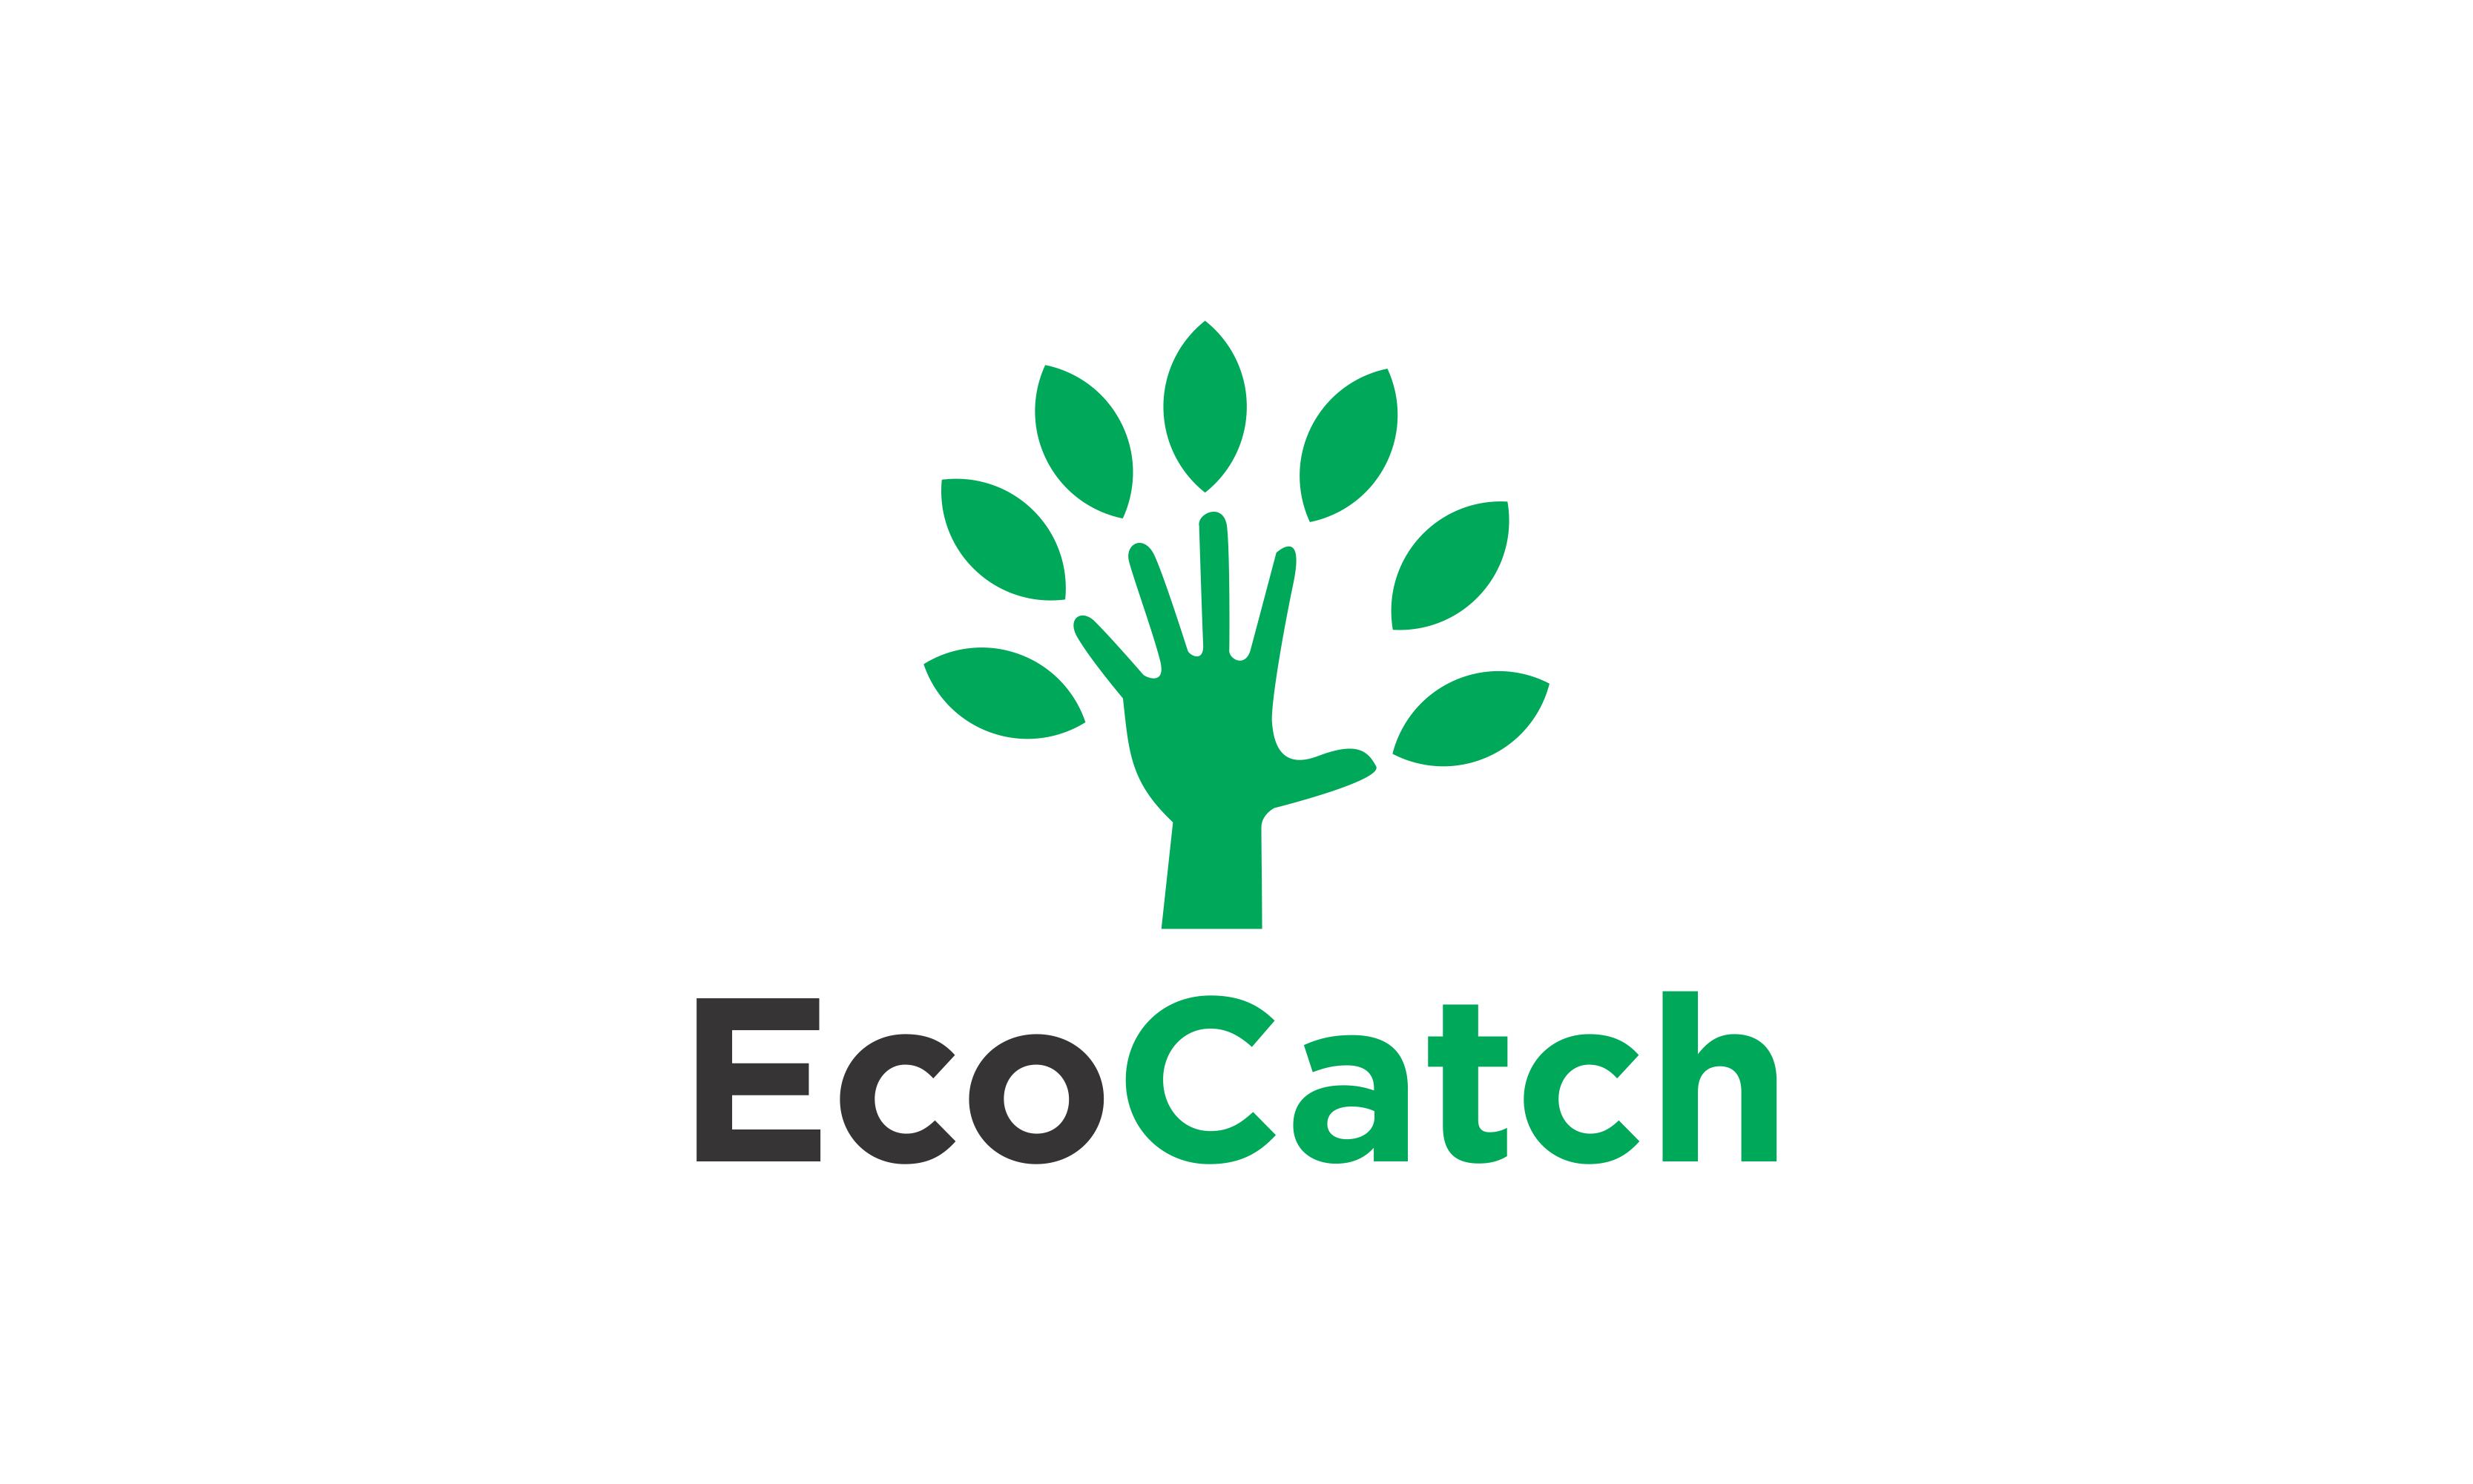 Ecocatch